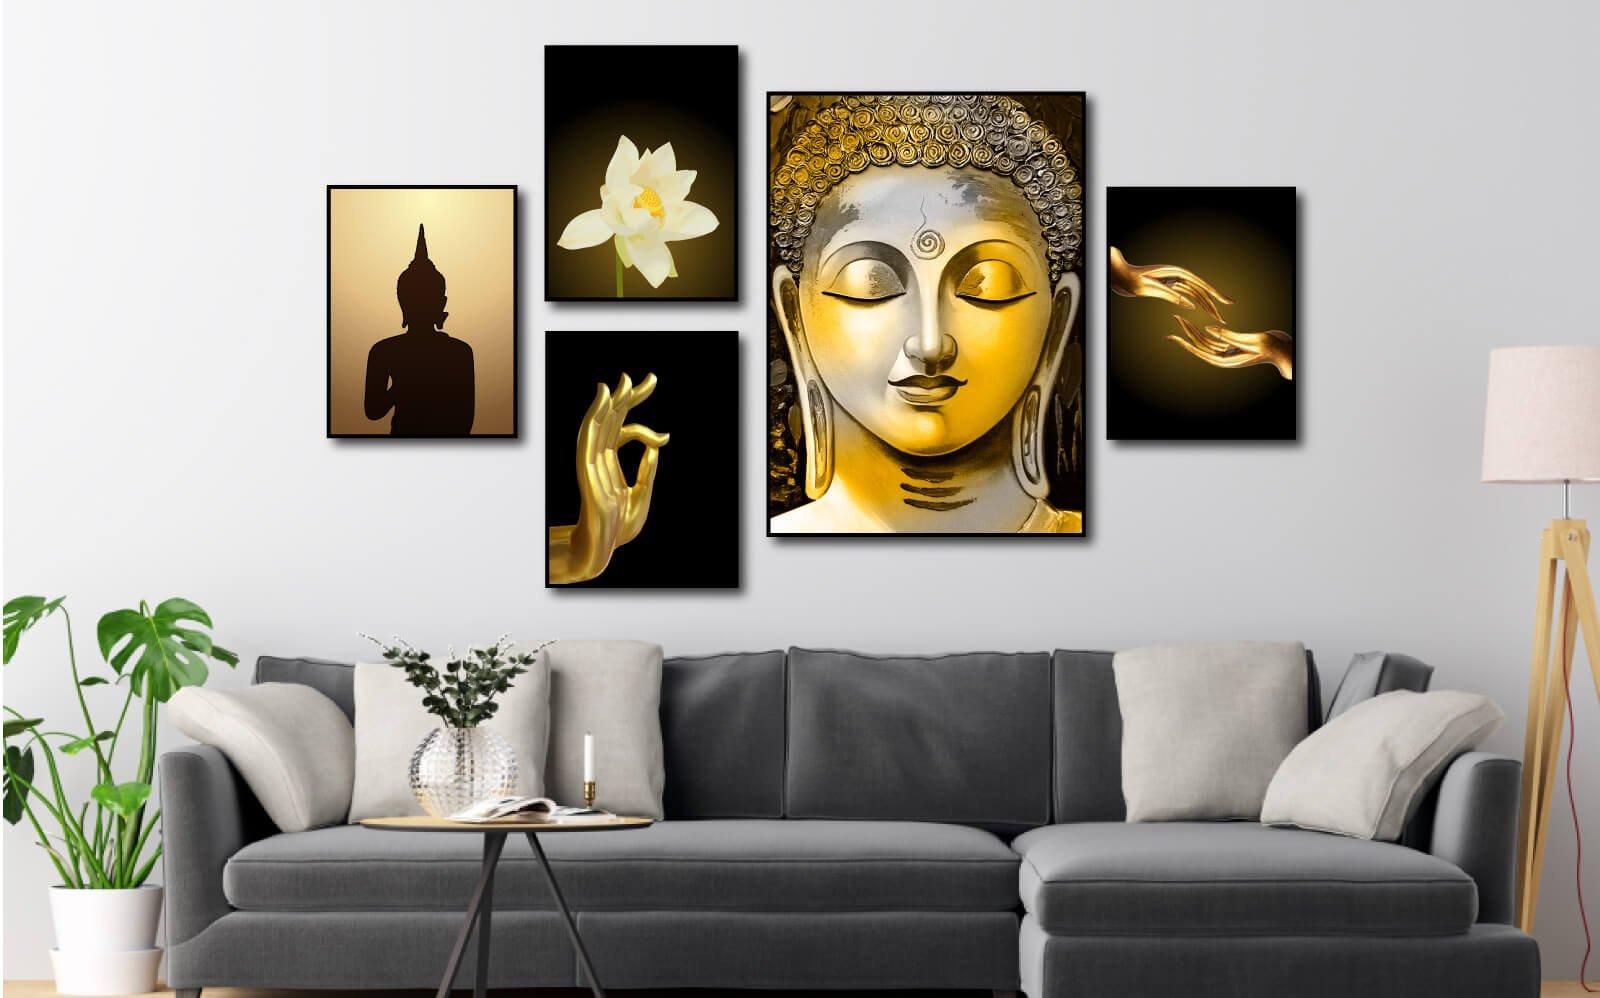 Mỗi bức tranh treo tường đều mang một vẻ đẹp riêng, phong cách riêng, nên tùy thuộc vào gu thẩm mĩ mà bạn lựa chọn các loại tranh treo tường phù hợp cho gia đình mình